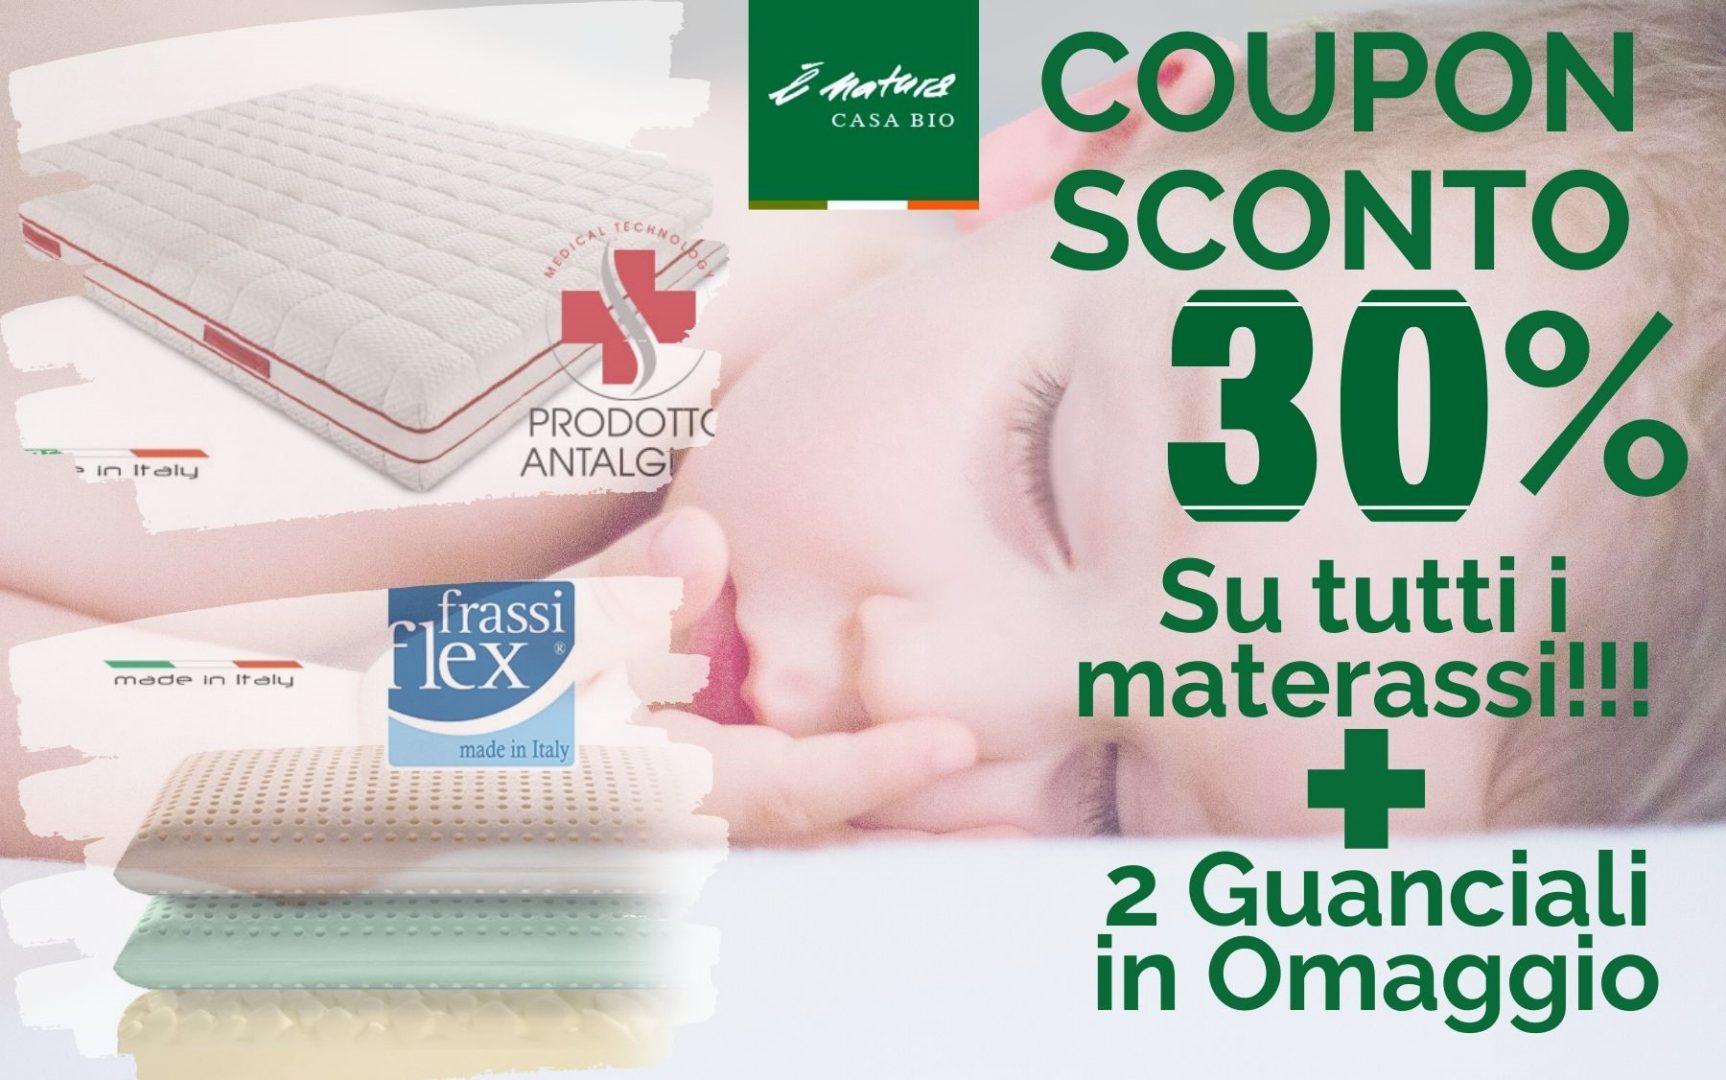 Promozioni del 30% per tutti i materassi… Cosa Aspetti!!